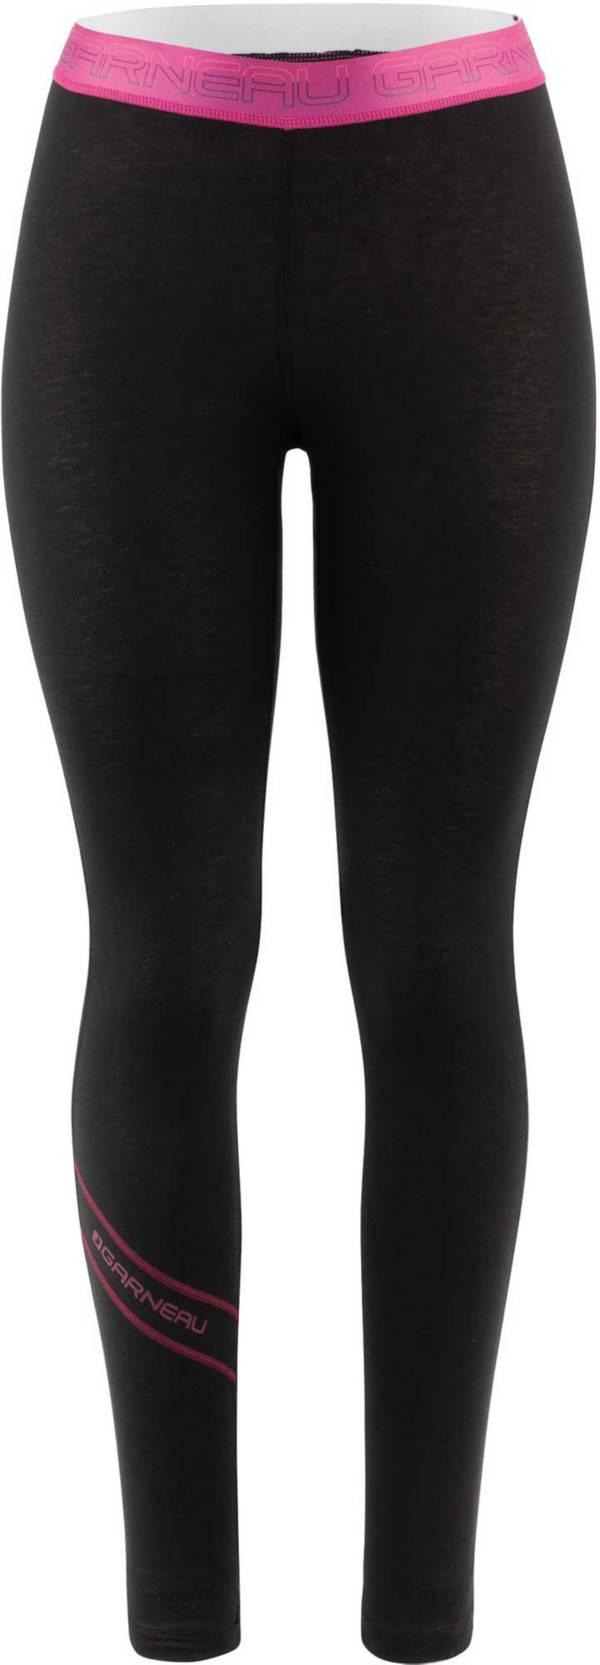 Louis Garneau Women's 2004 Pants product image